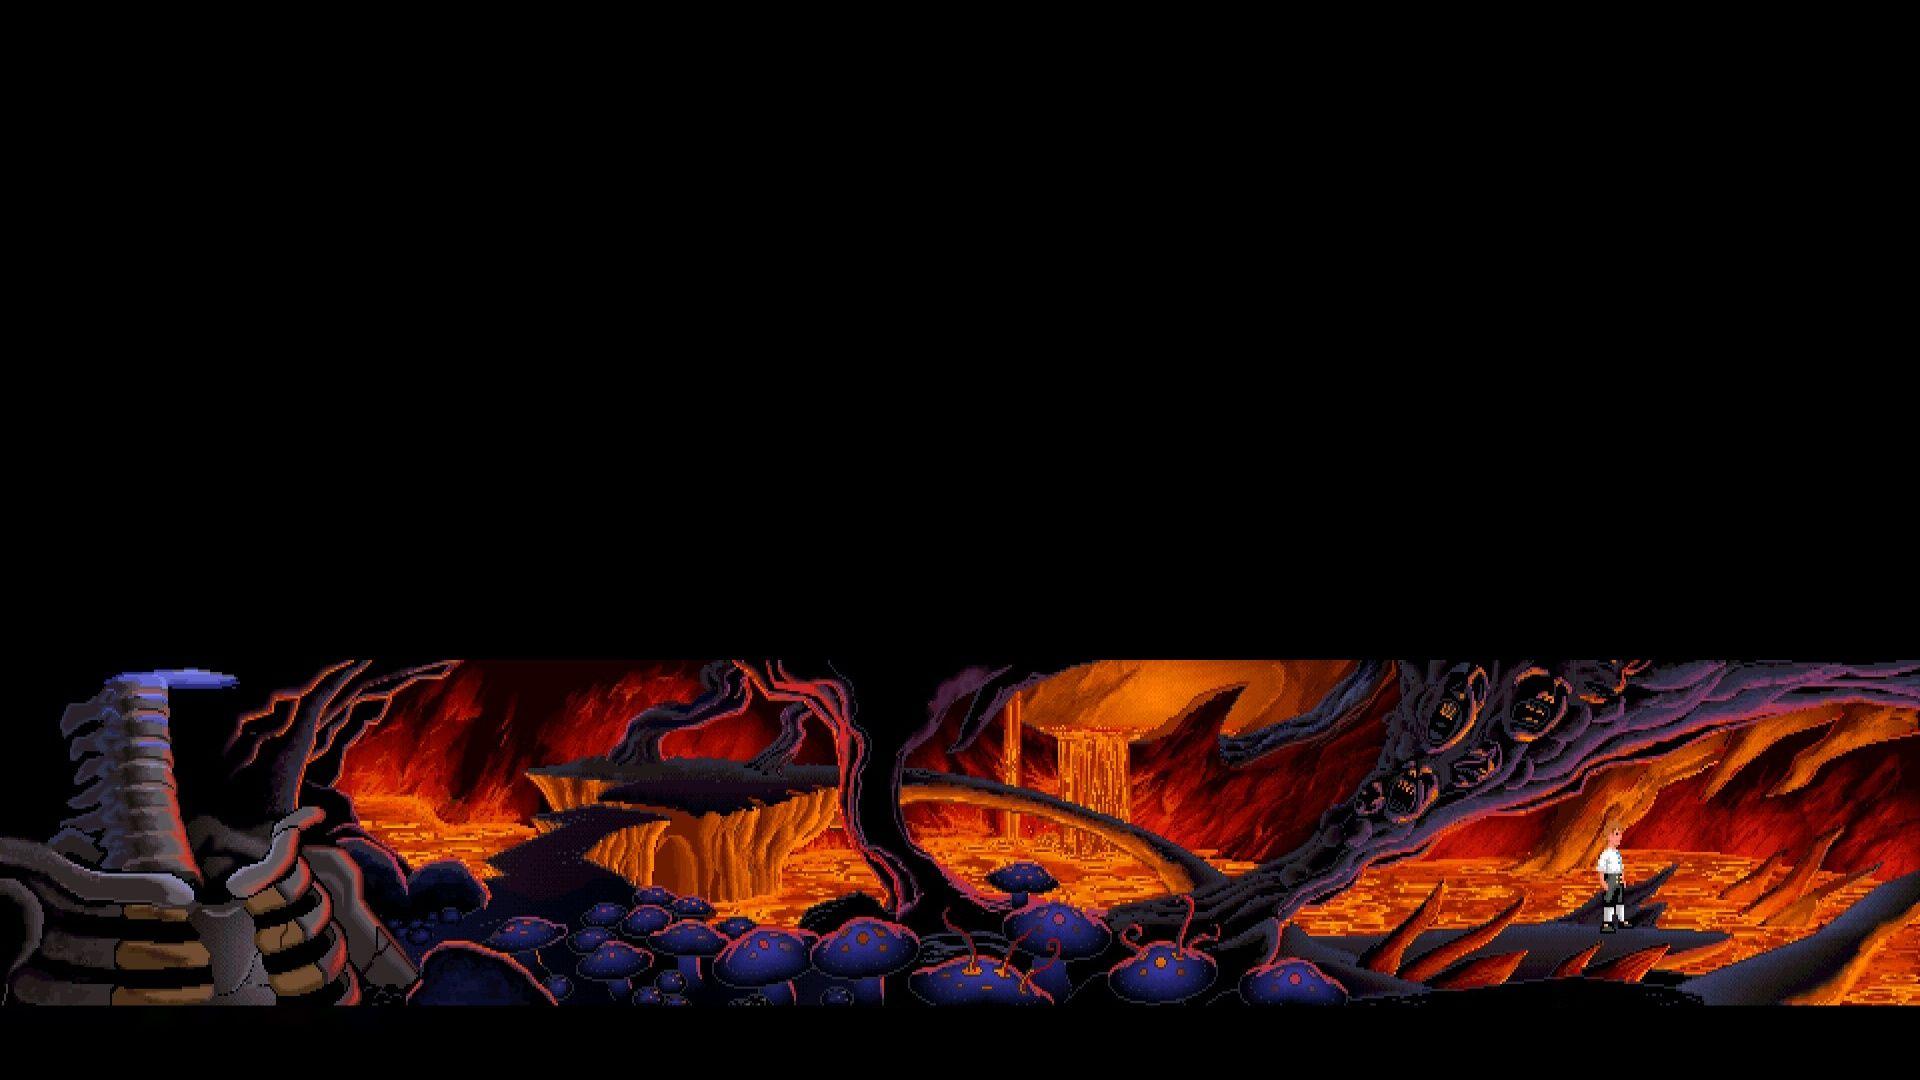 Retro 1920x1080 Wallpapers - Wallpaper Cave